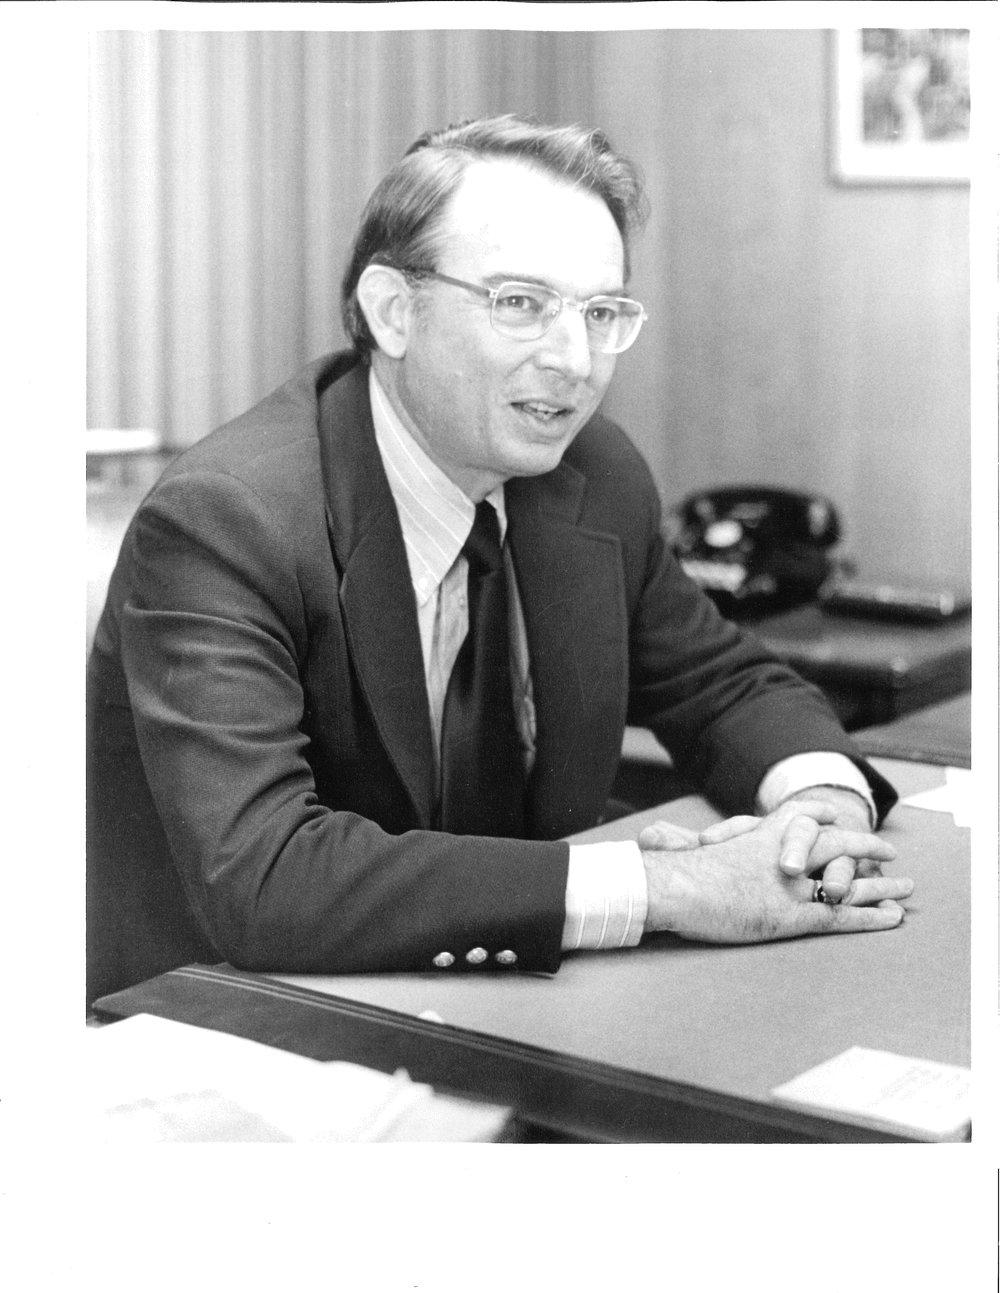 ROBERT V. STRUEBING